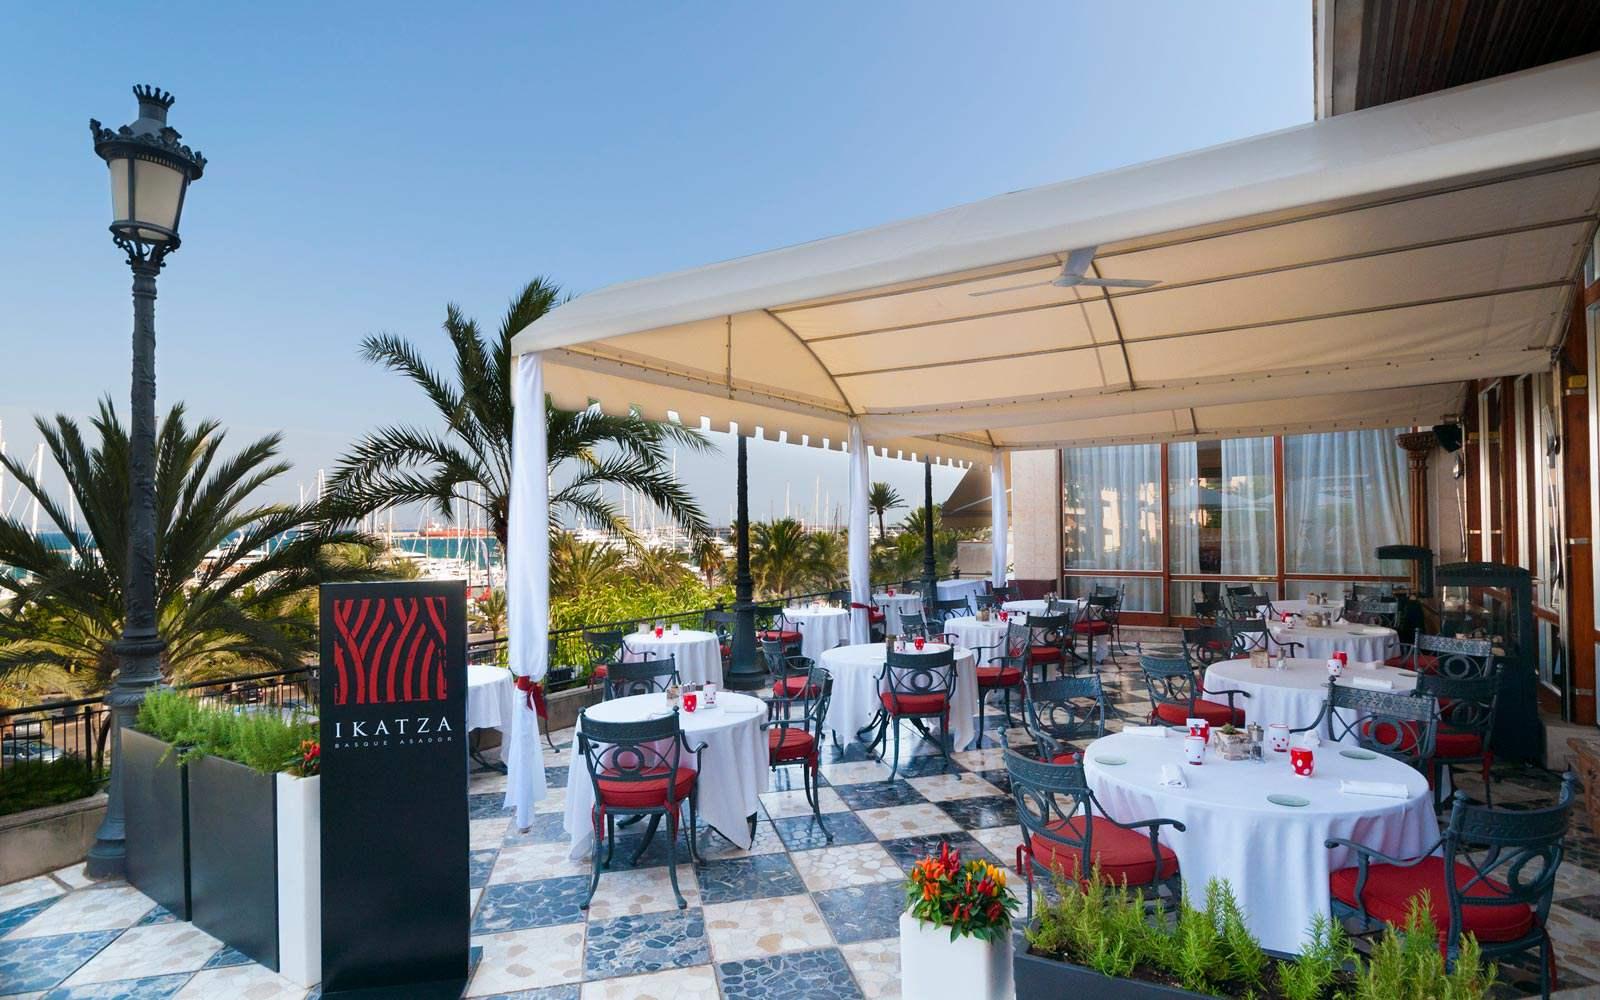 Gran Melia Victoria - Ikatza restaurant - terrace